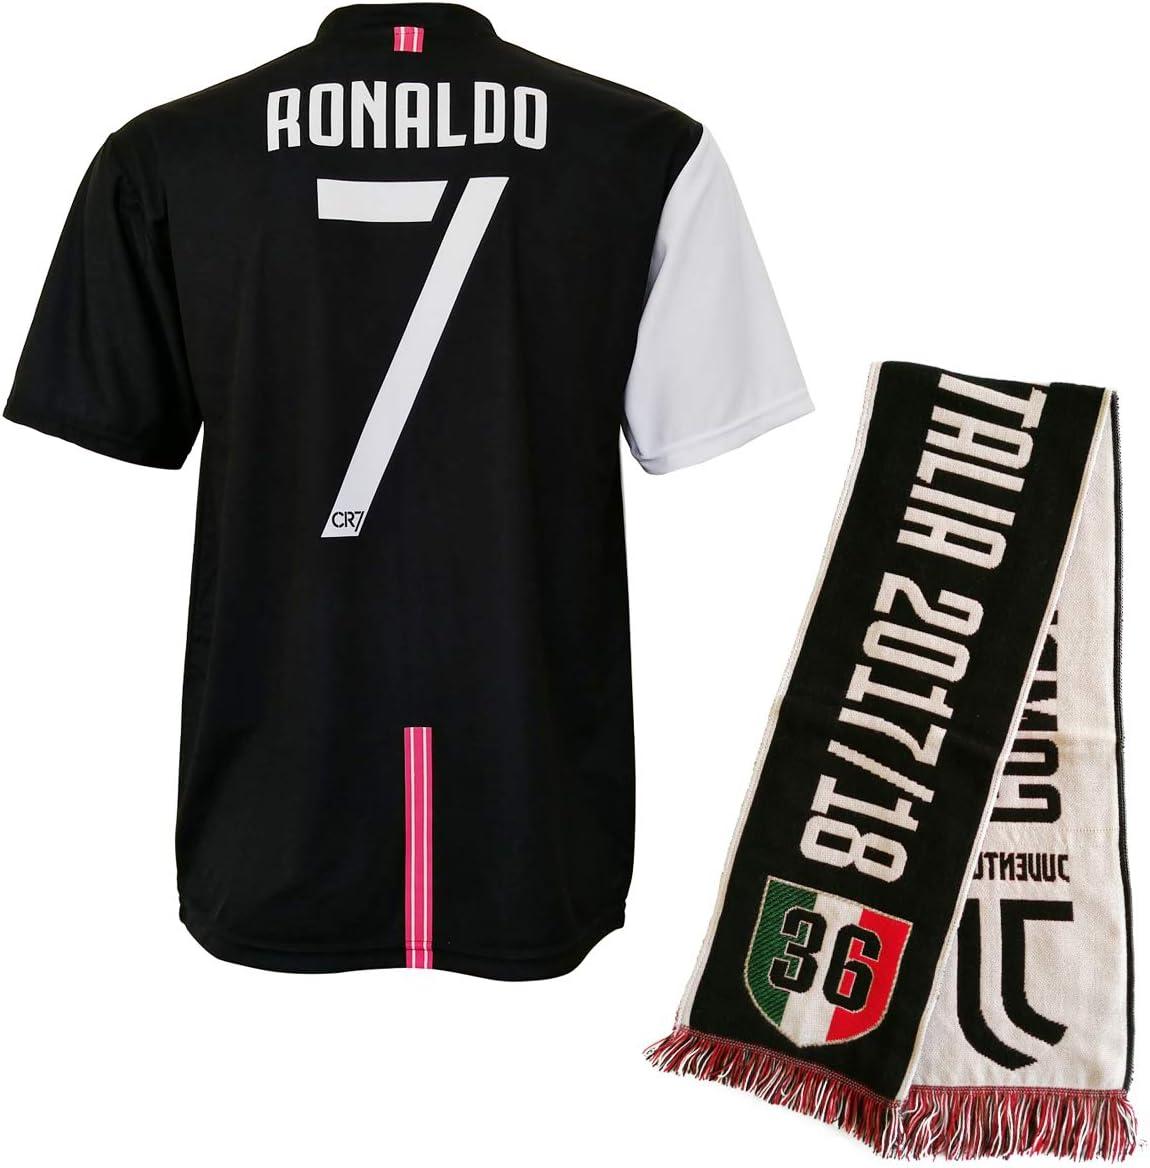 CR7 MUSEU Camiseta Cristiano Ronaldo 7 Oficial Autorizada 2019-2020 Niño (Edad 2 4 6 8 10 12) Adulto (S M L XL) con Firma Impresa Limited Edition - Leer Notas + Bufanda Escudo, 8-9 años: Amazon.es: Deportes y aire libre